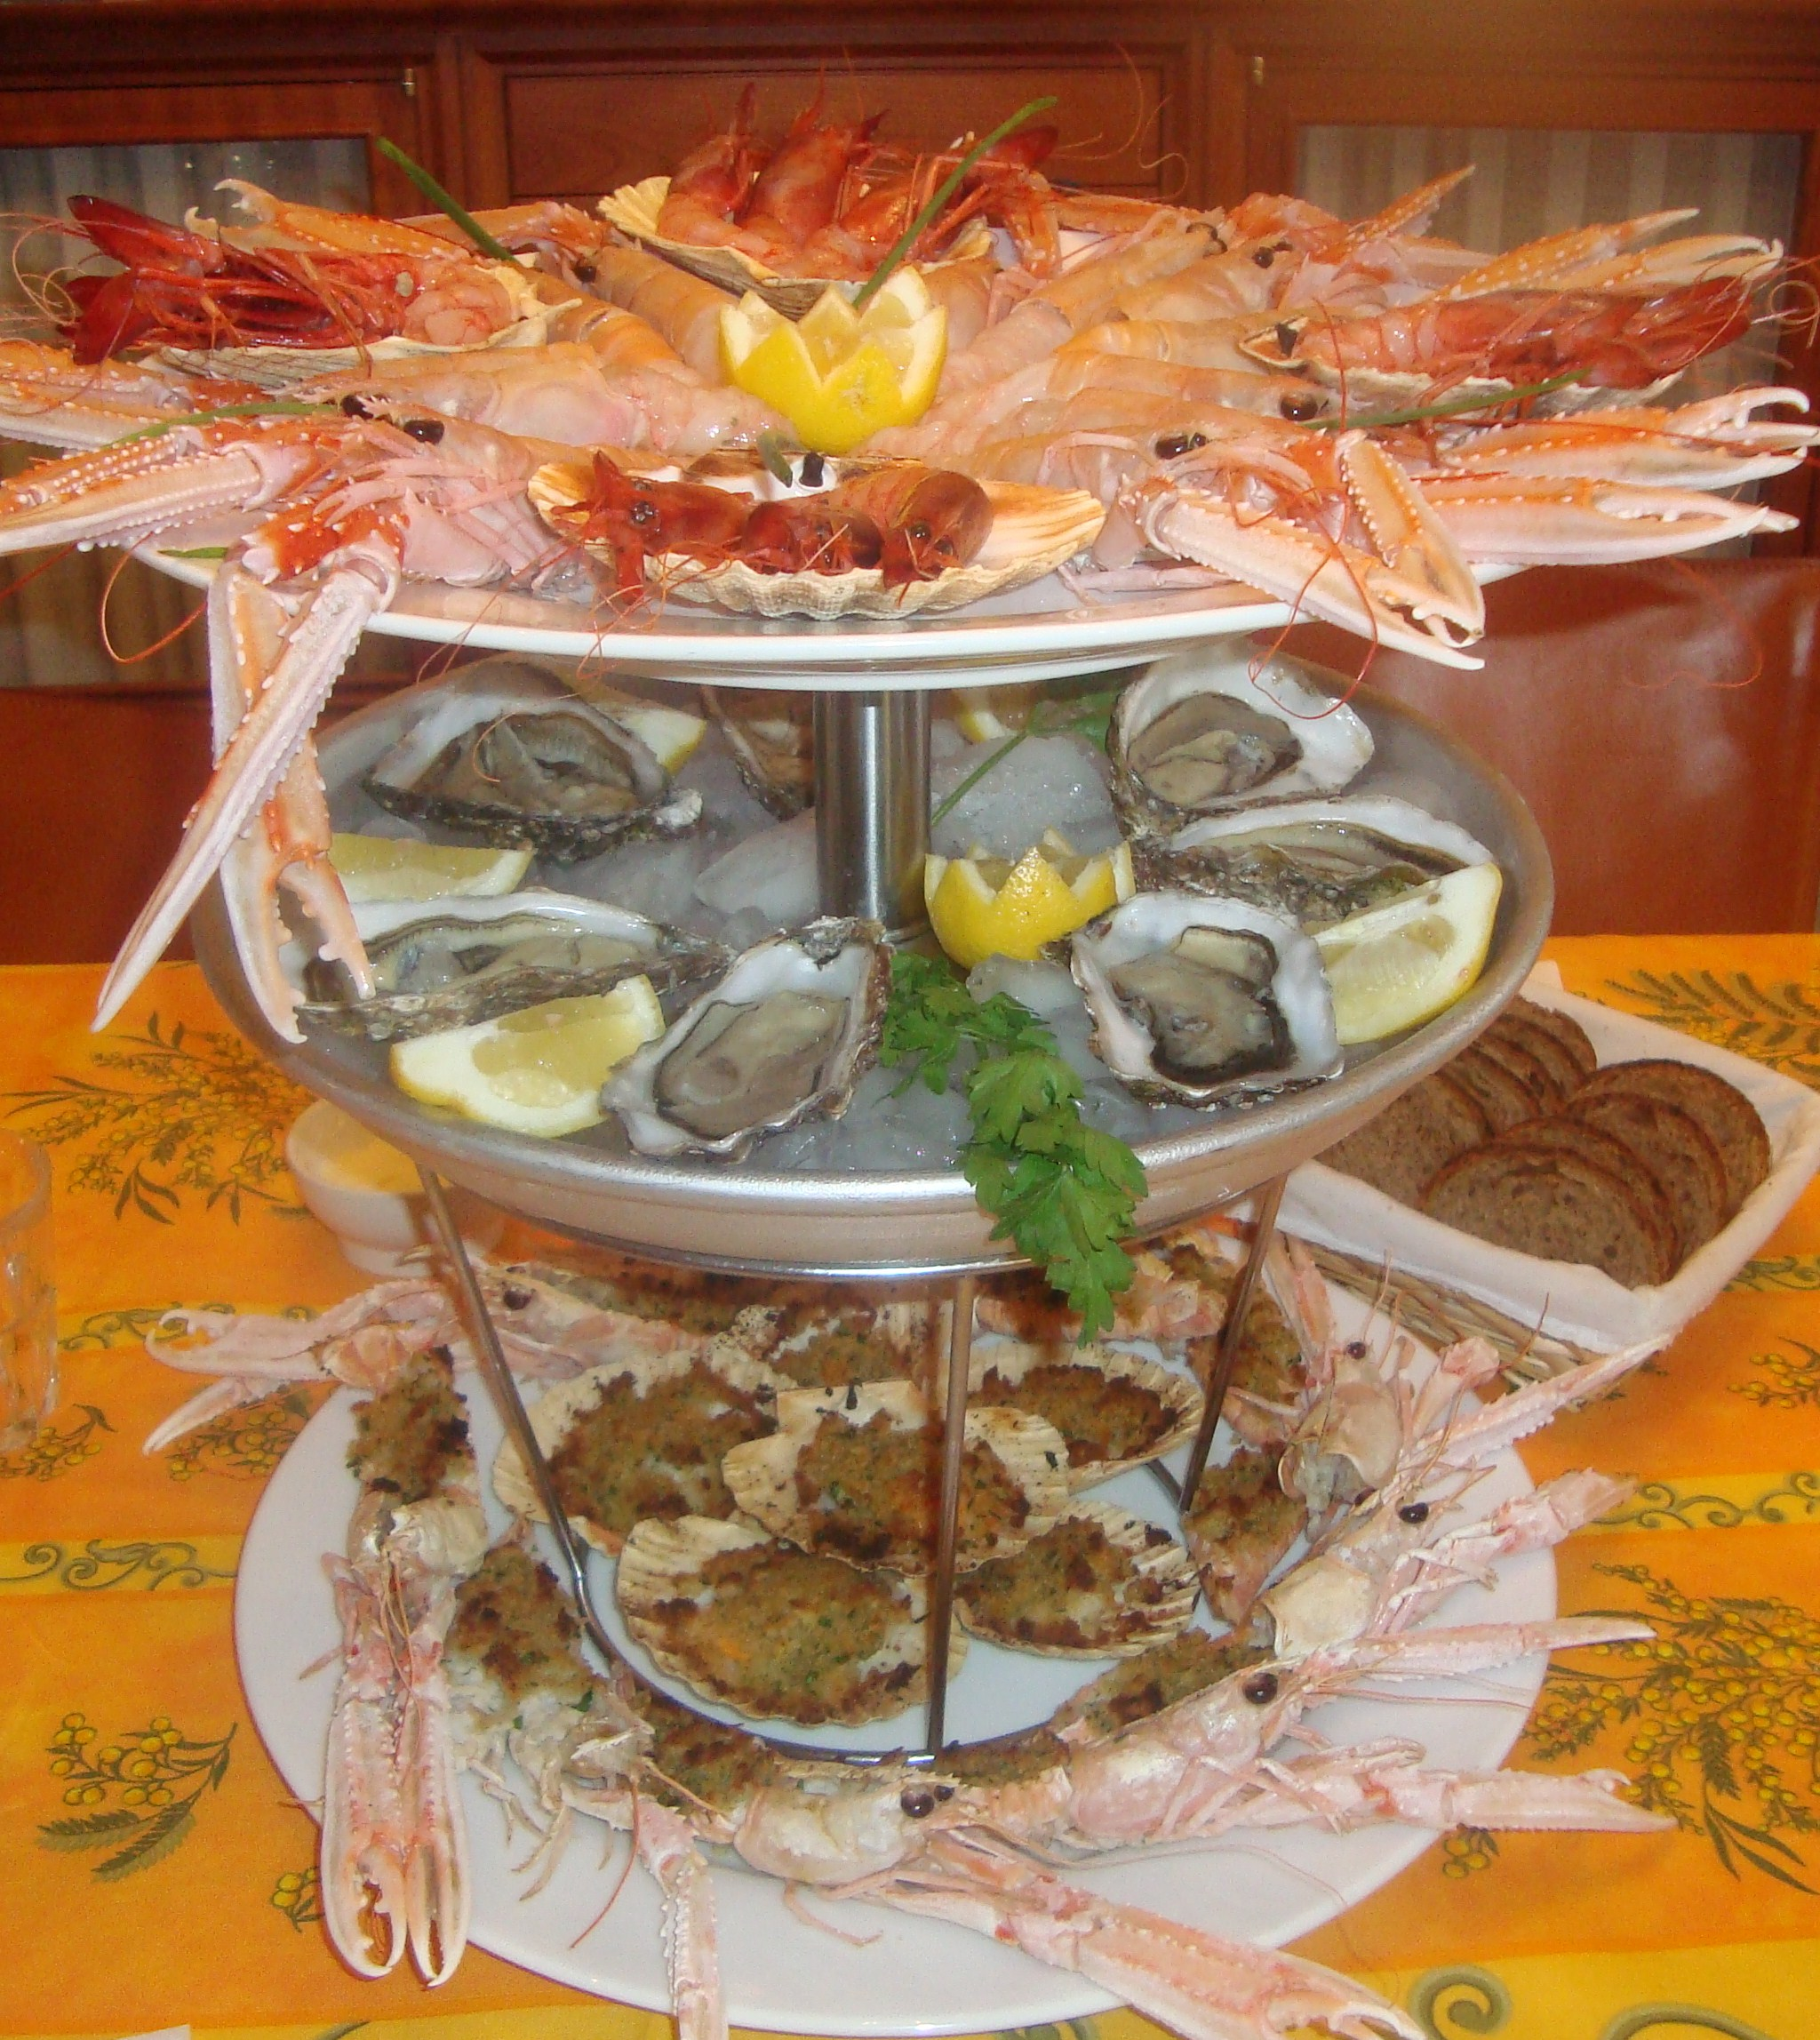 Antipasti Di Pesce La Cucina Di Lalla Pagina 2 #AF691C 2048 2295 Foto Di Mattonelle Per Cucina